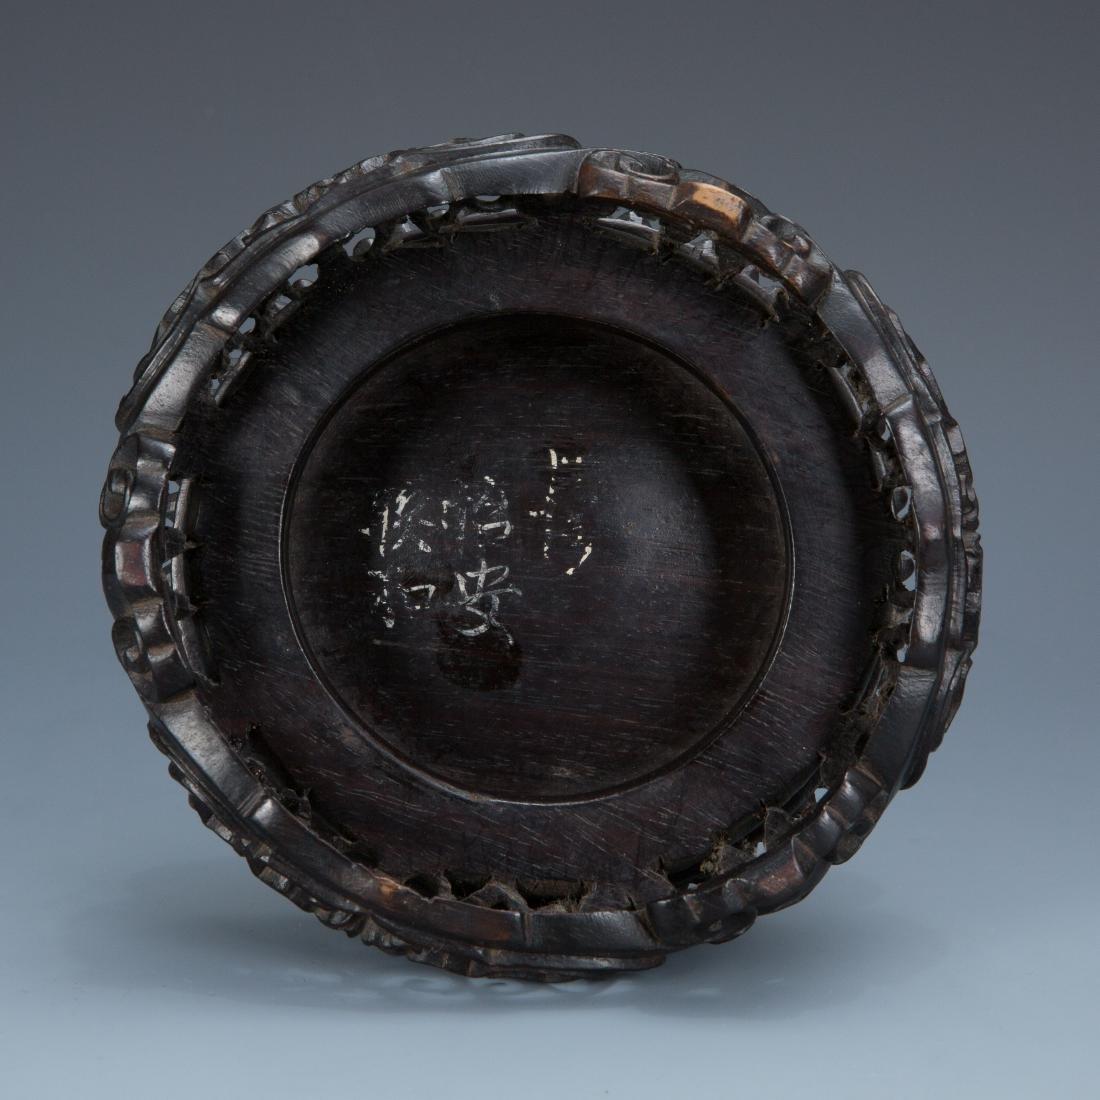 Cloisonne Enamel Vase and wood base with mark - 7